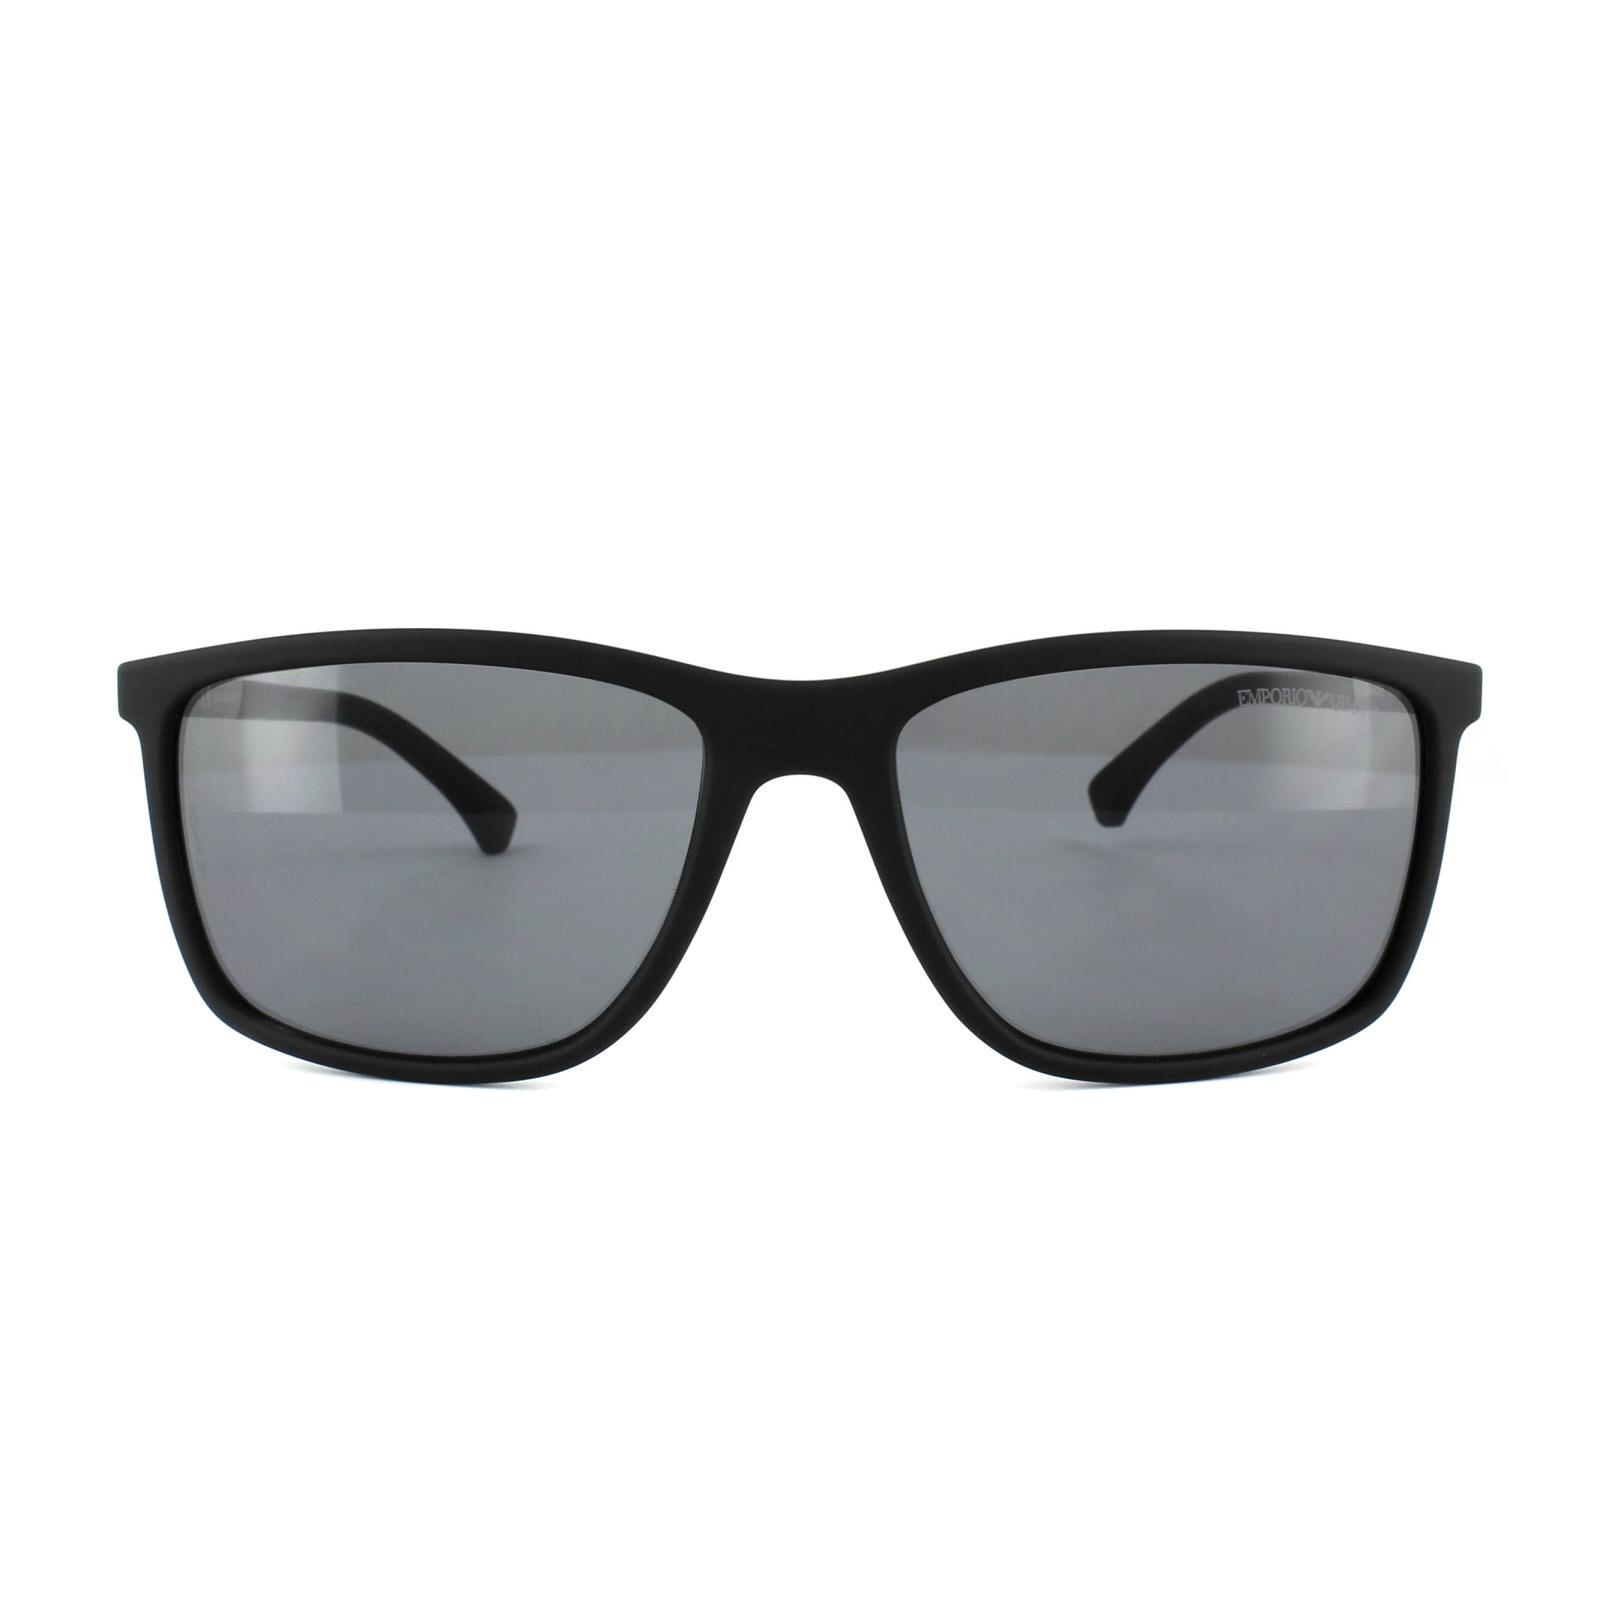 8115928fcf4 Sentinel Emporio Armani Sunglasses 4058 5063 81 Black Rubber Grey Polarized